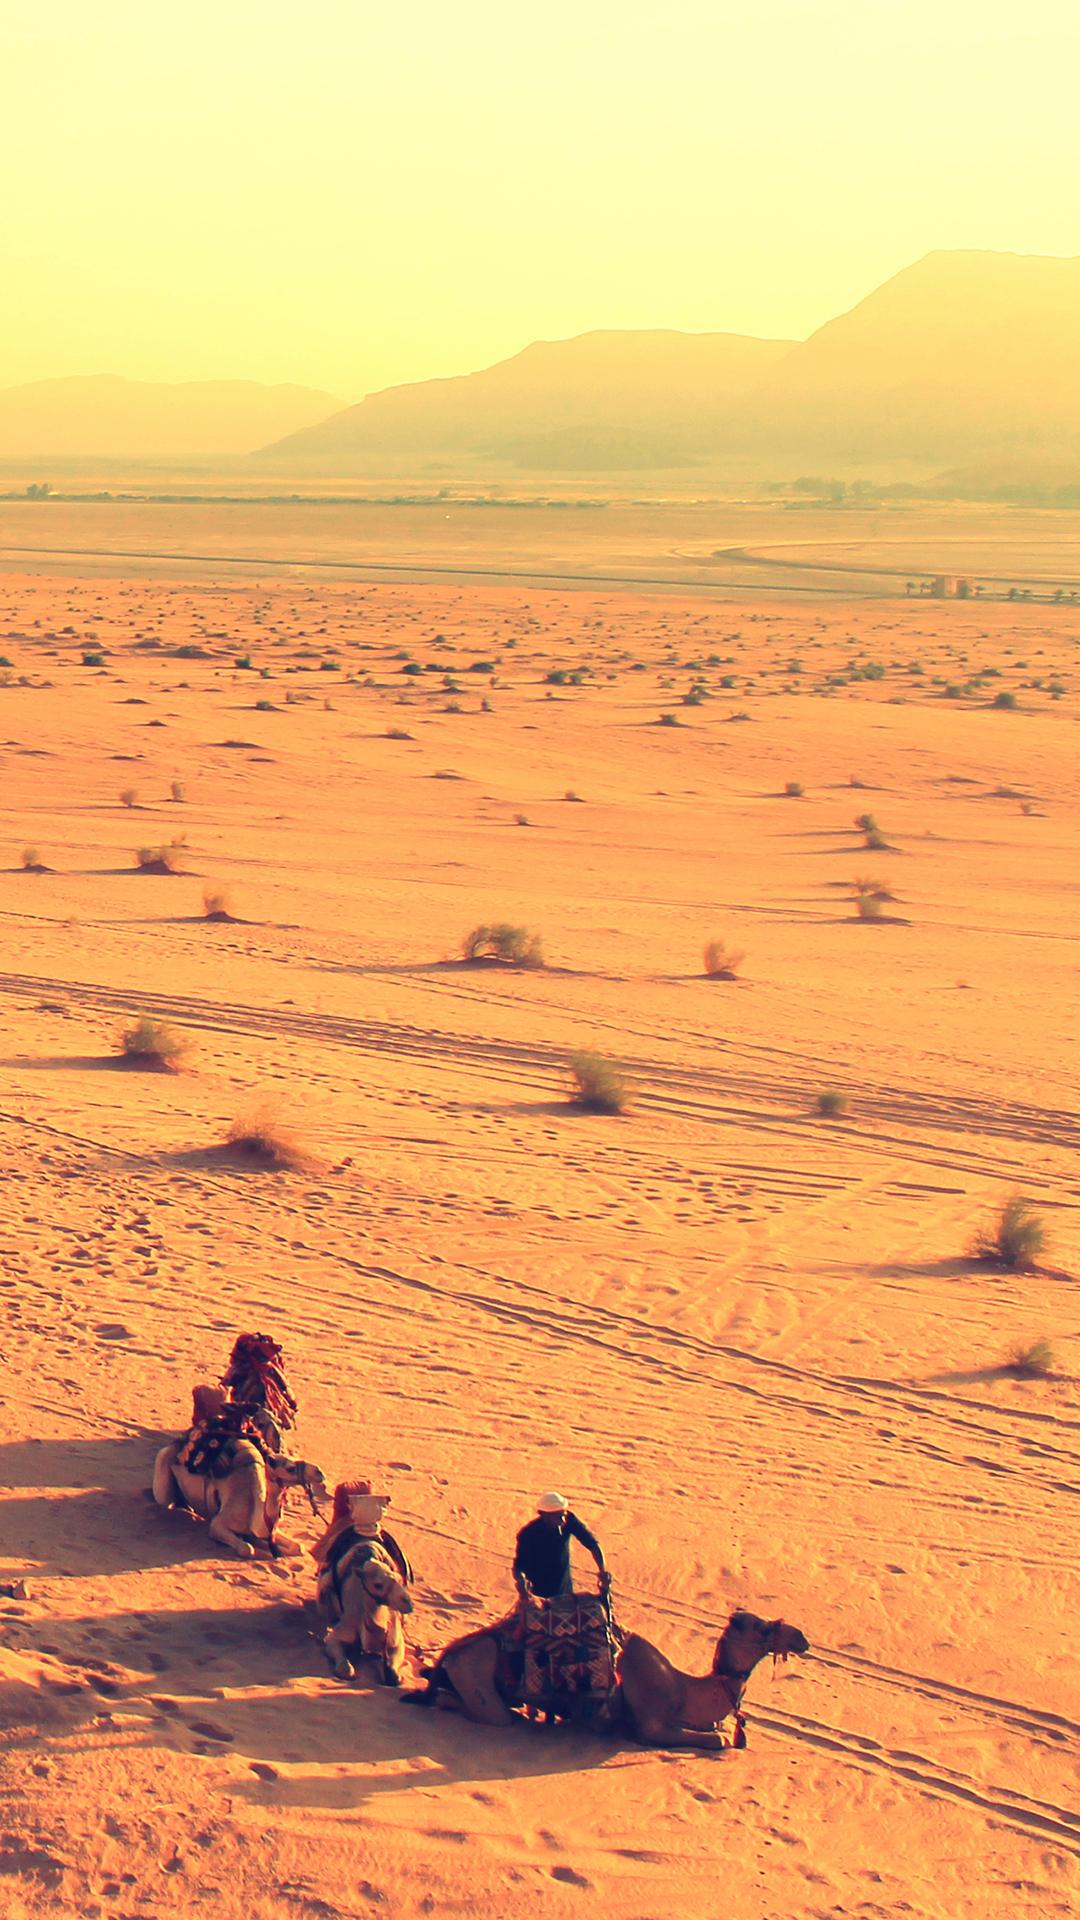 Desert Camel Iphone Wallpaper Hd